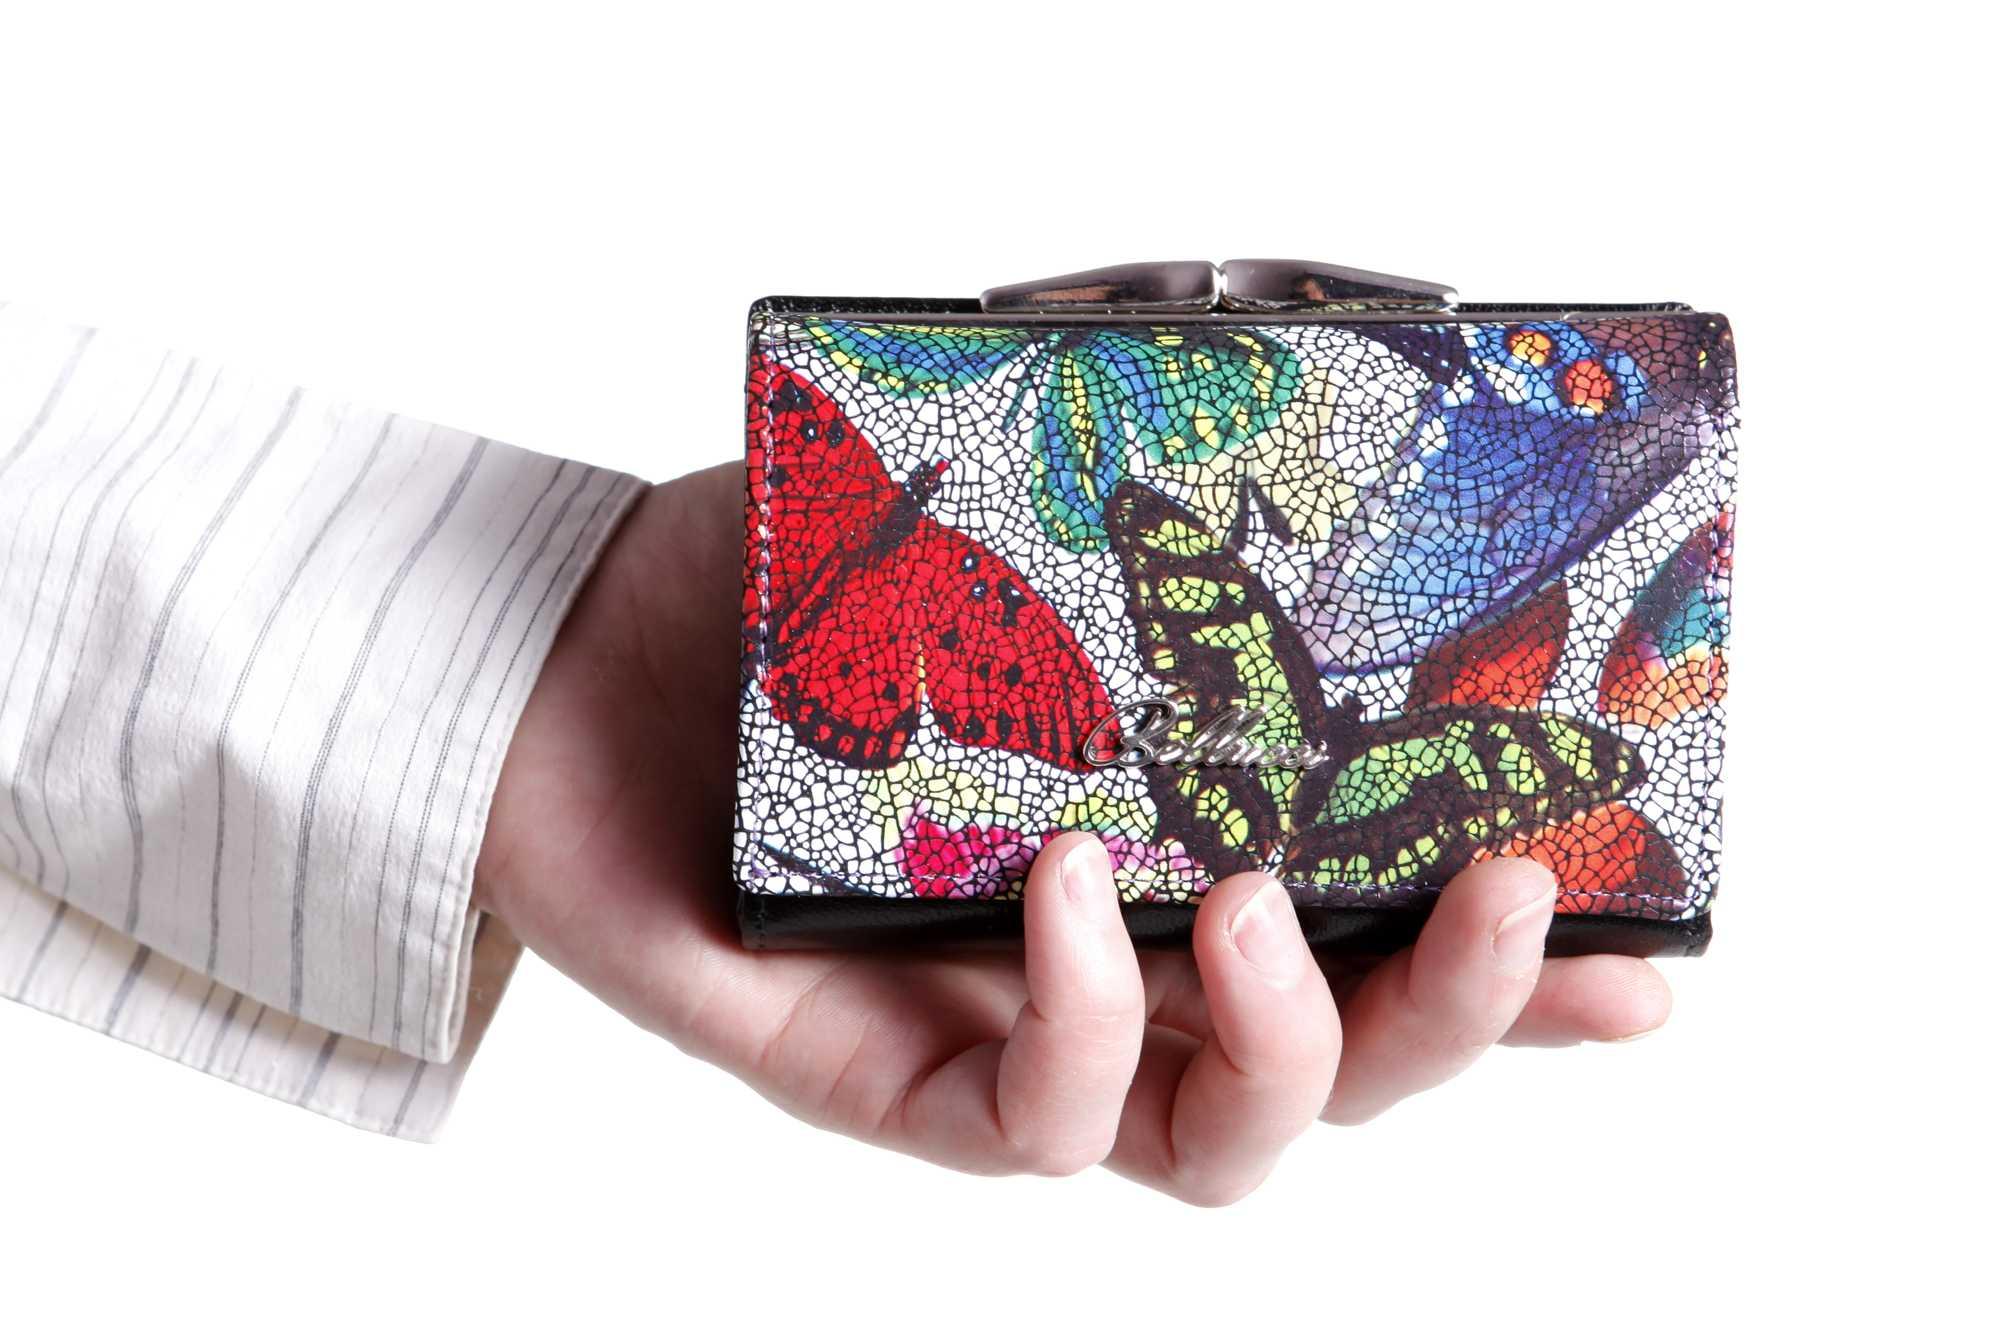 936e7bbc78218 Kolorowe motyle fRANCO BELLUCCI · Kolorowe motyle BELLUCCI · fRANCO  BELLUCCI Skórzany portfel · fRANCO BELLUCCI Skórzany portfel ...